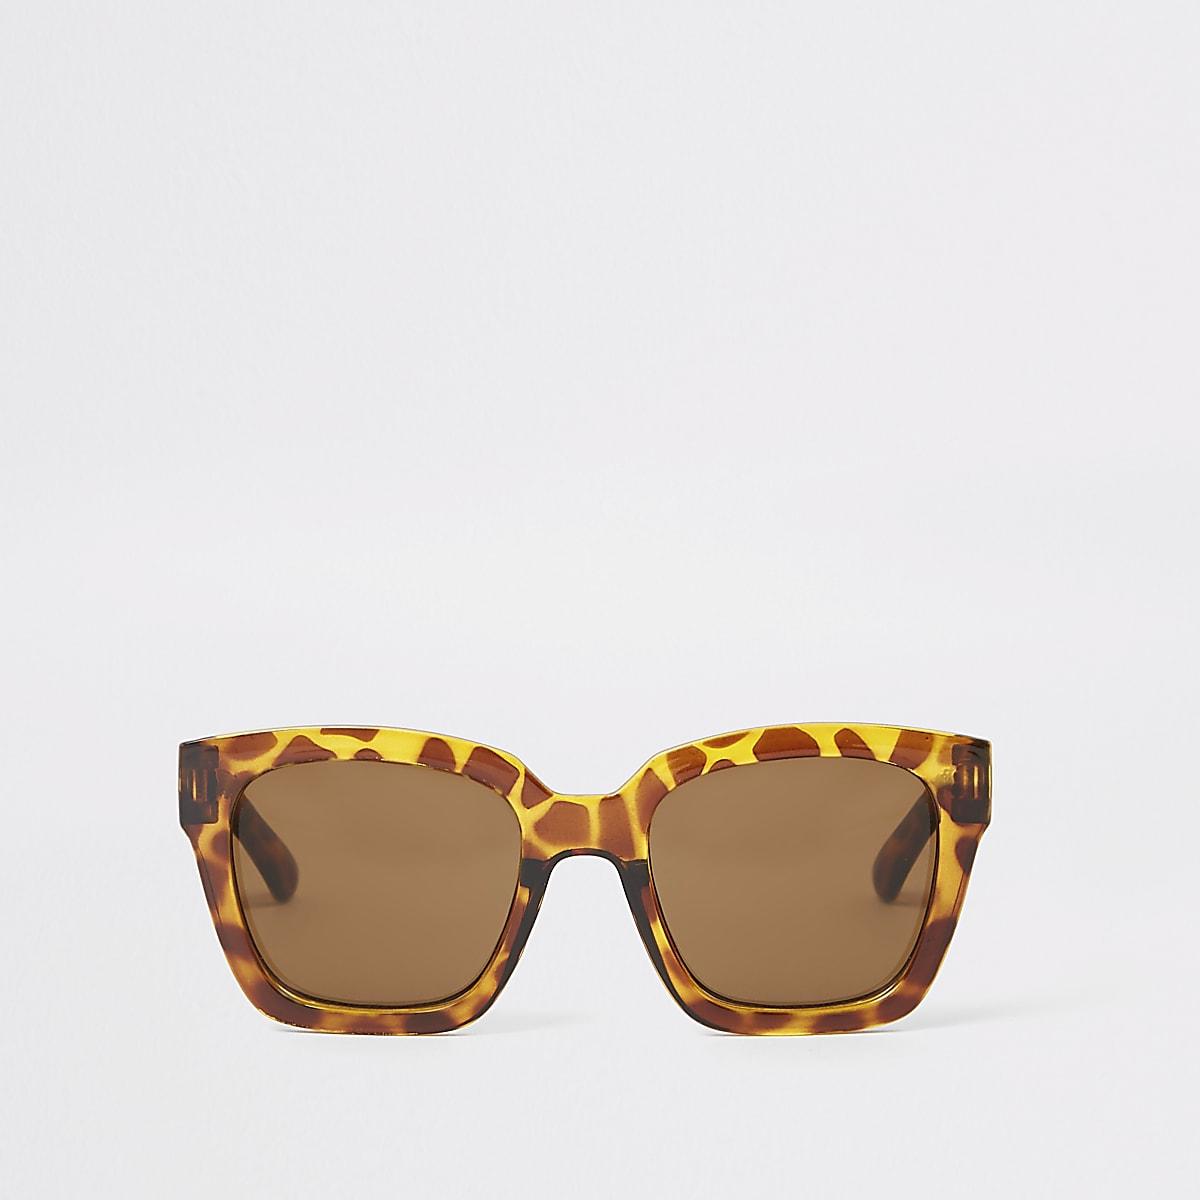 Bruine tortoise oversized zonnebril voor meisjes